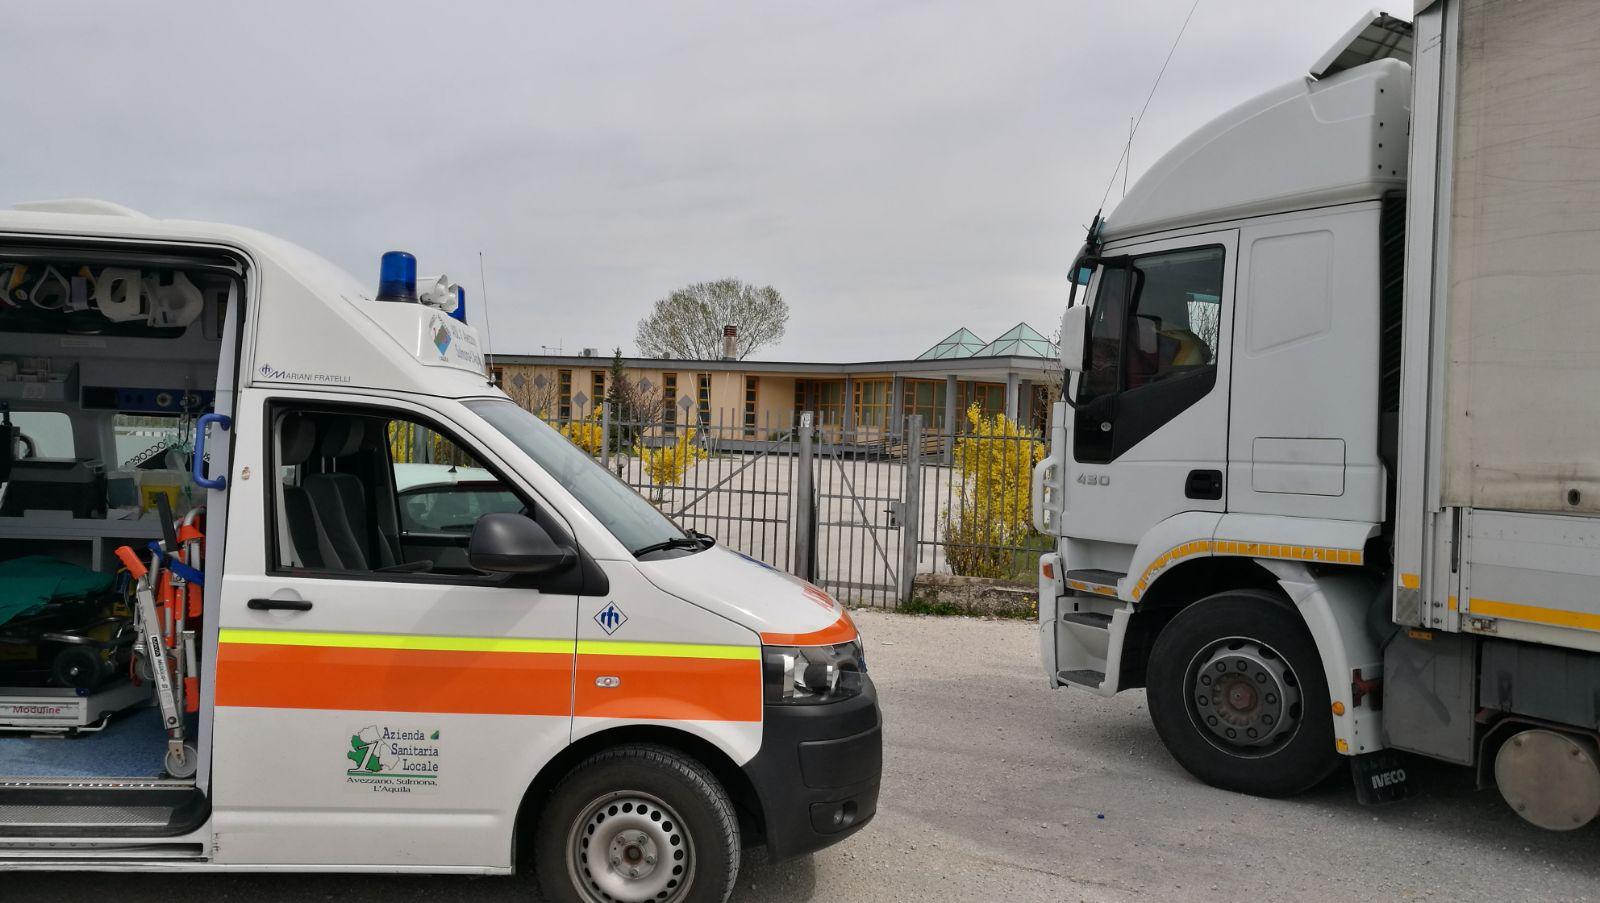 Ambulanza camion aresa servizio avezzano